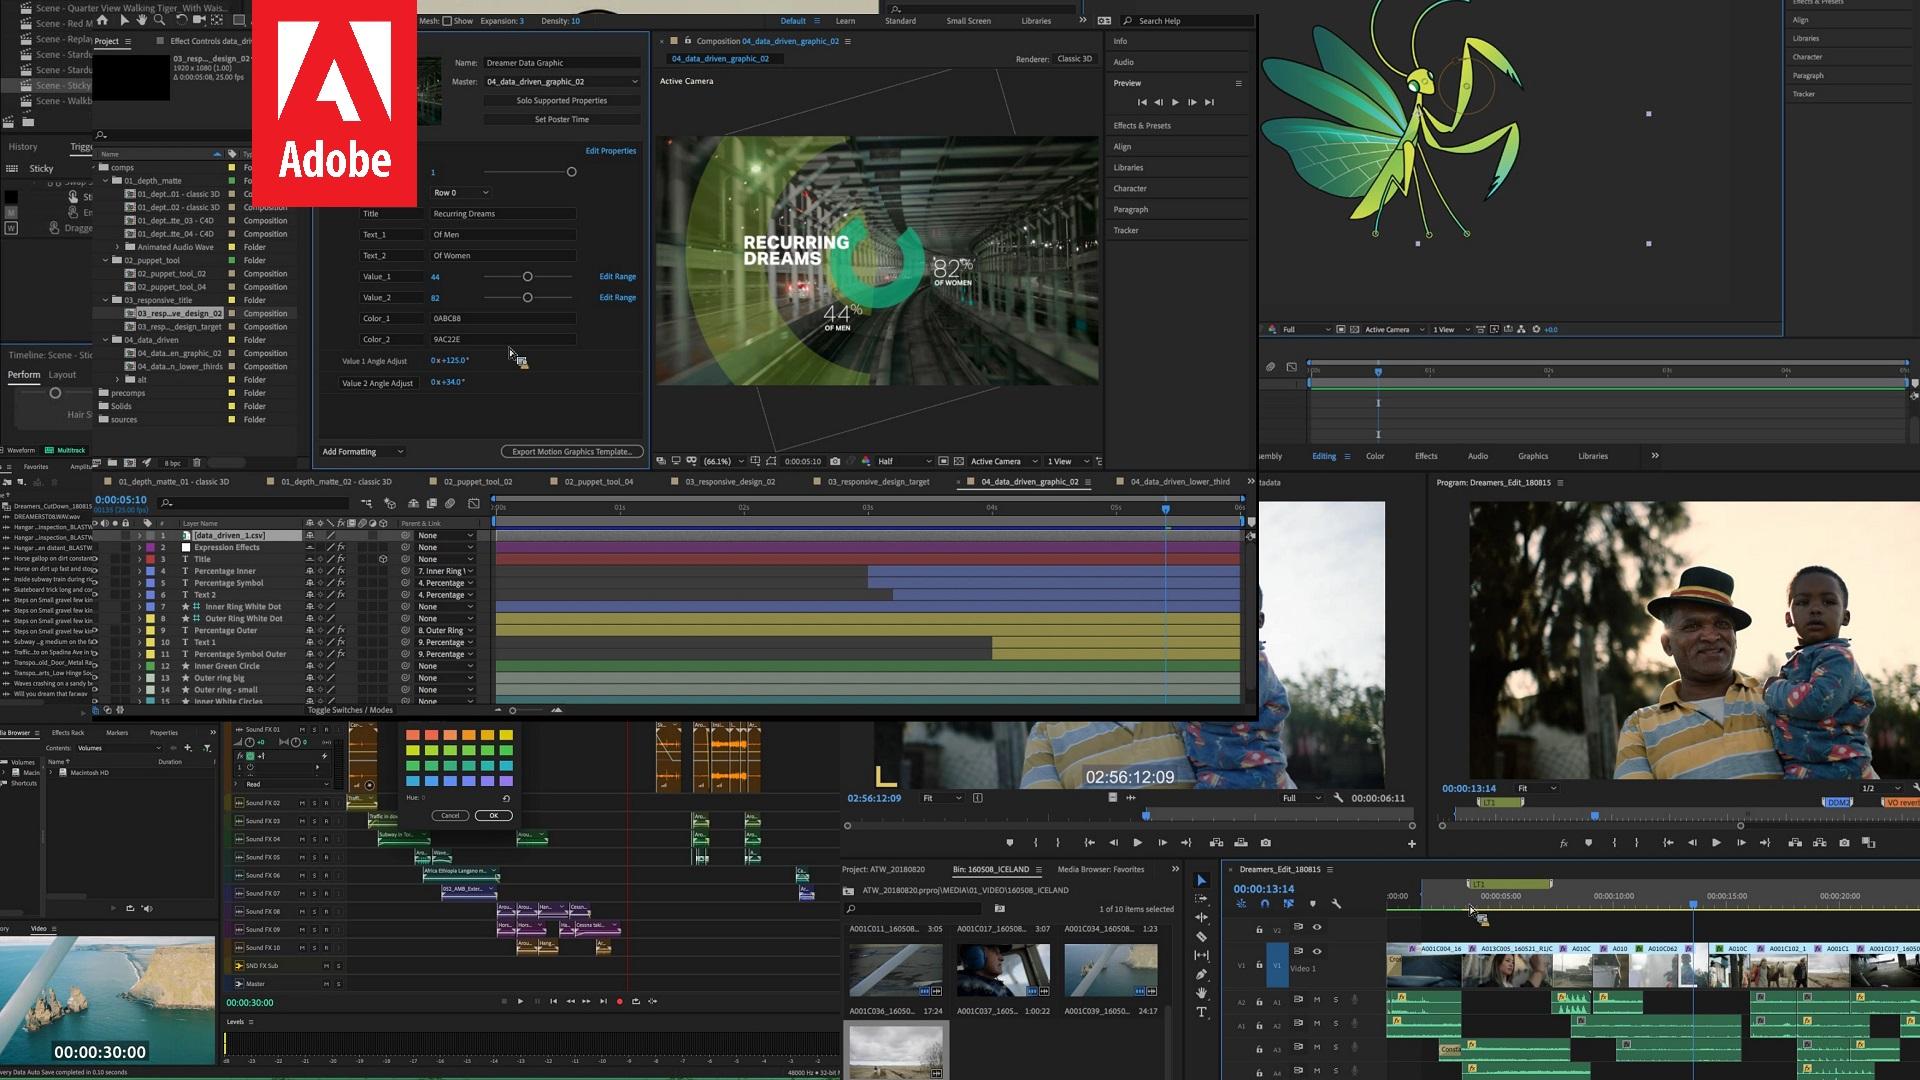 Próximas Actualizaciones de Adobe Creative Cloud Para Premiere Pro, After Effects y Más